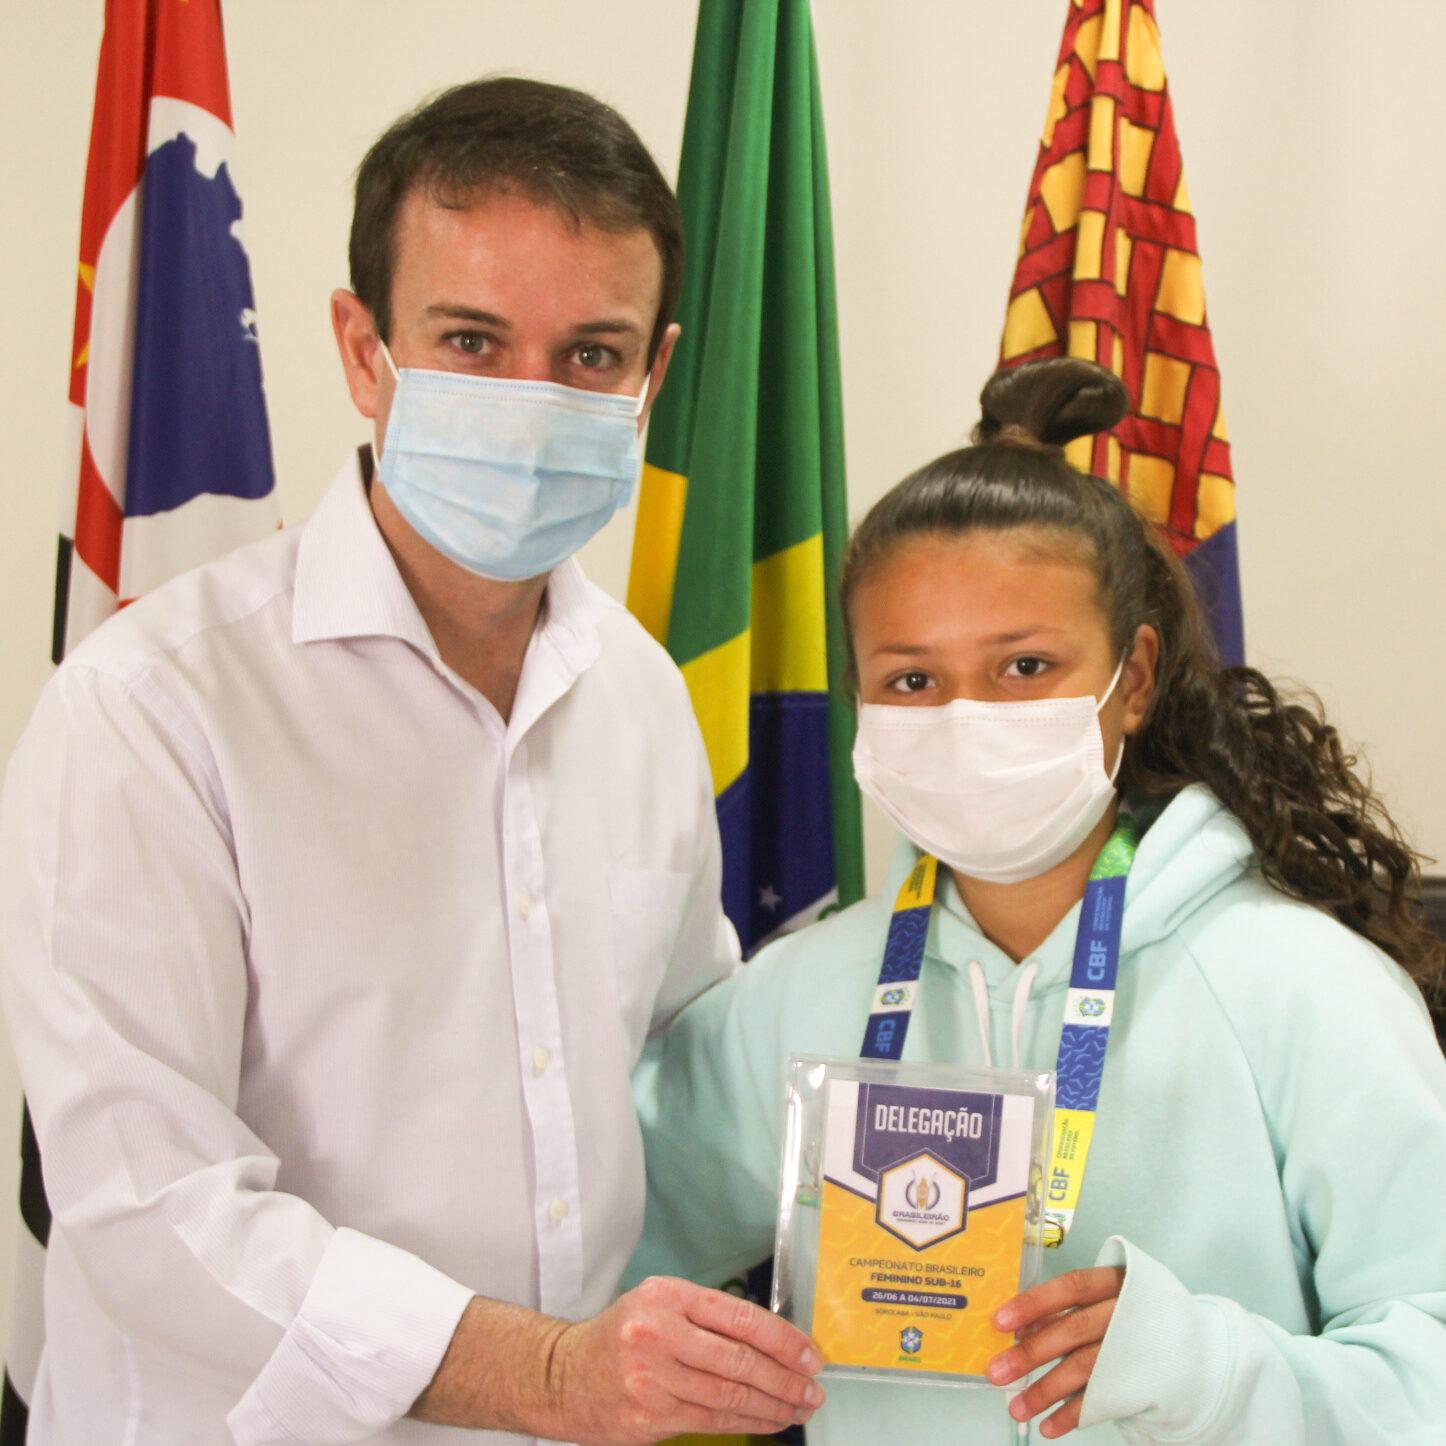 Meia-atacante da Chapecoense Adell, Luiza mora em Santa Catarina desde 2019